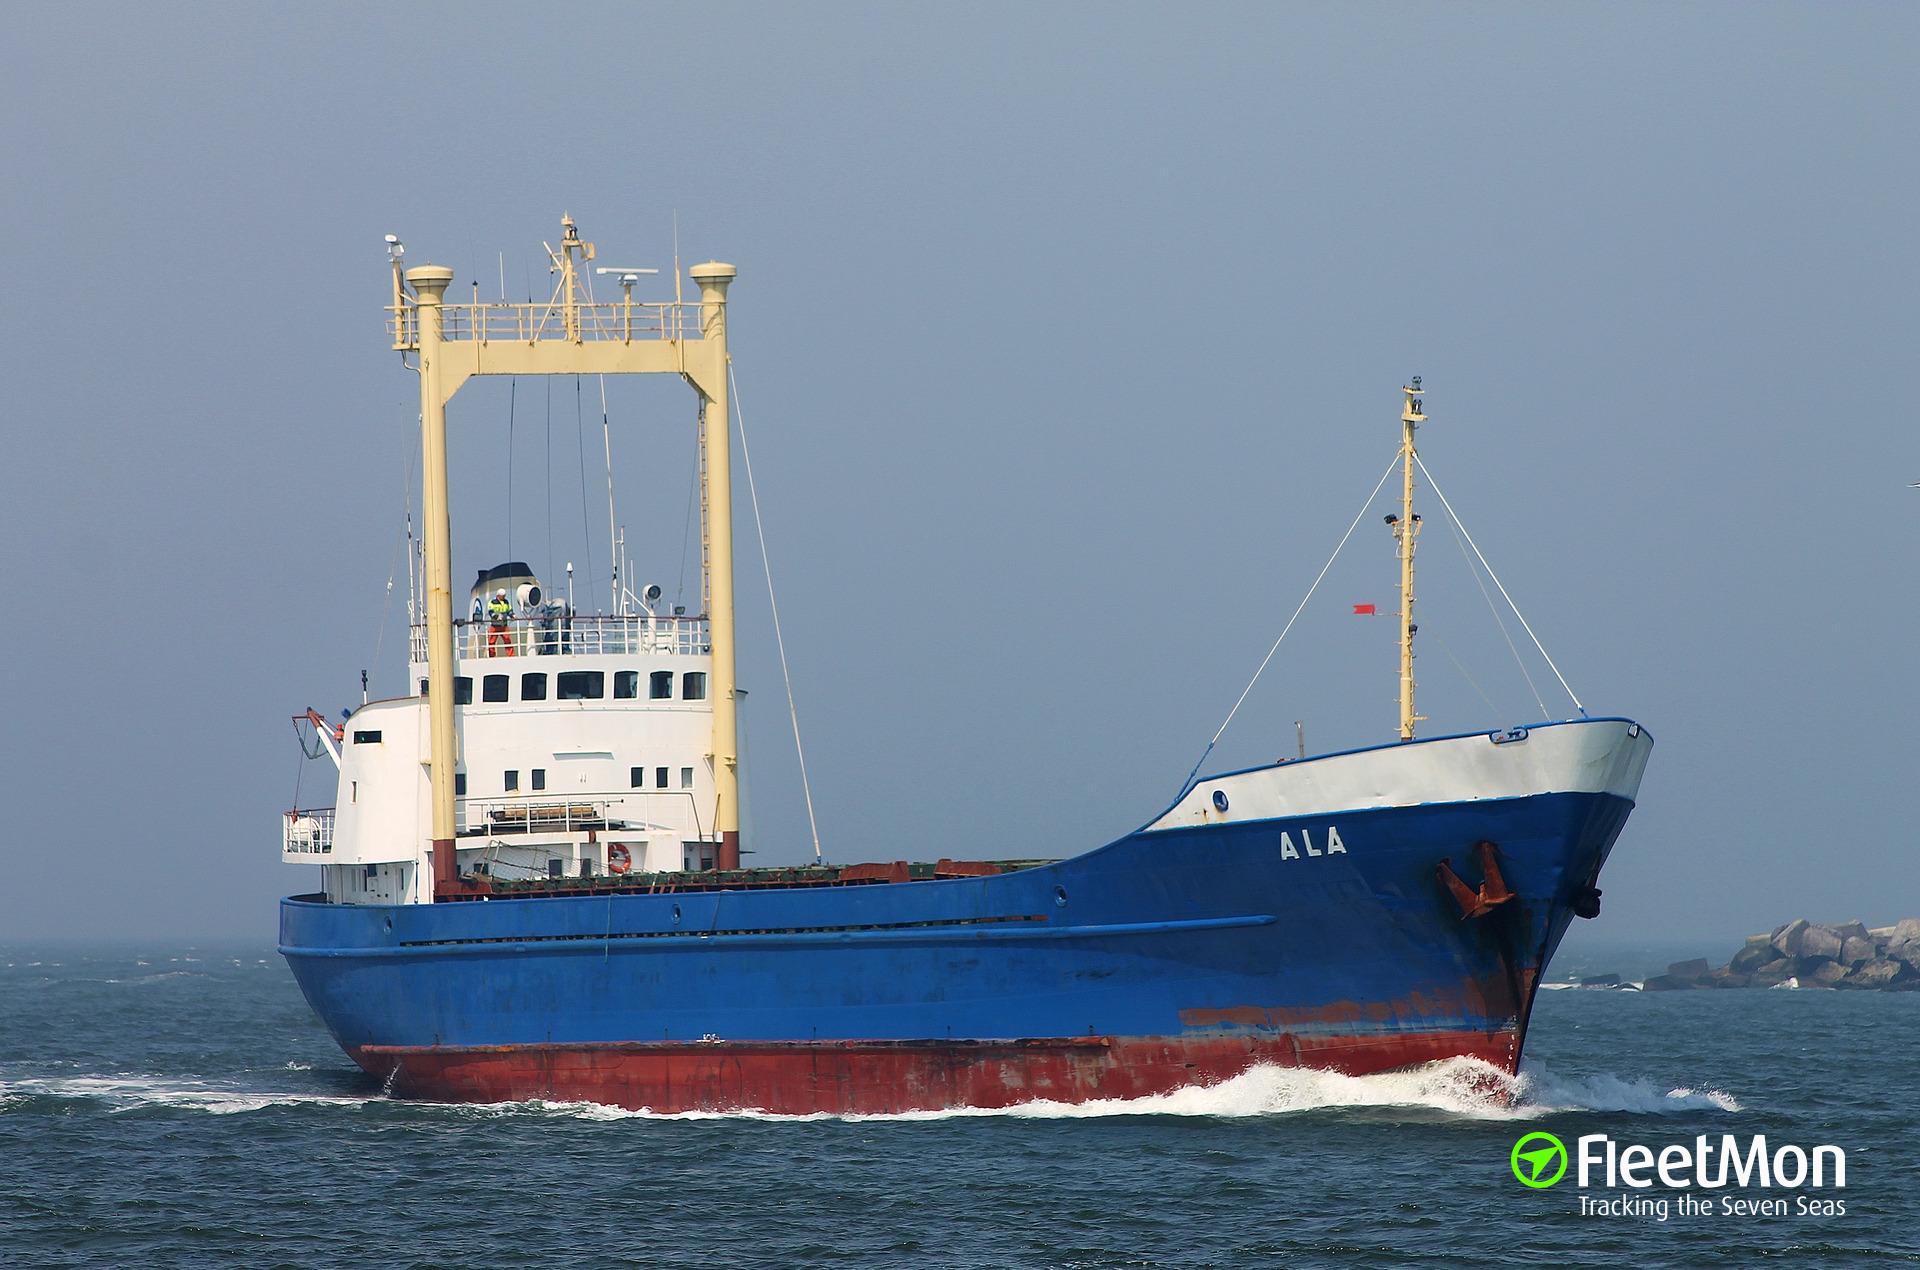 Ala aground off Hjelm, Kattegat